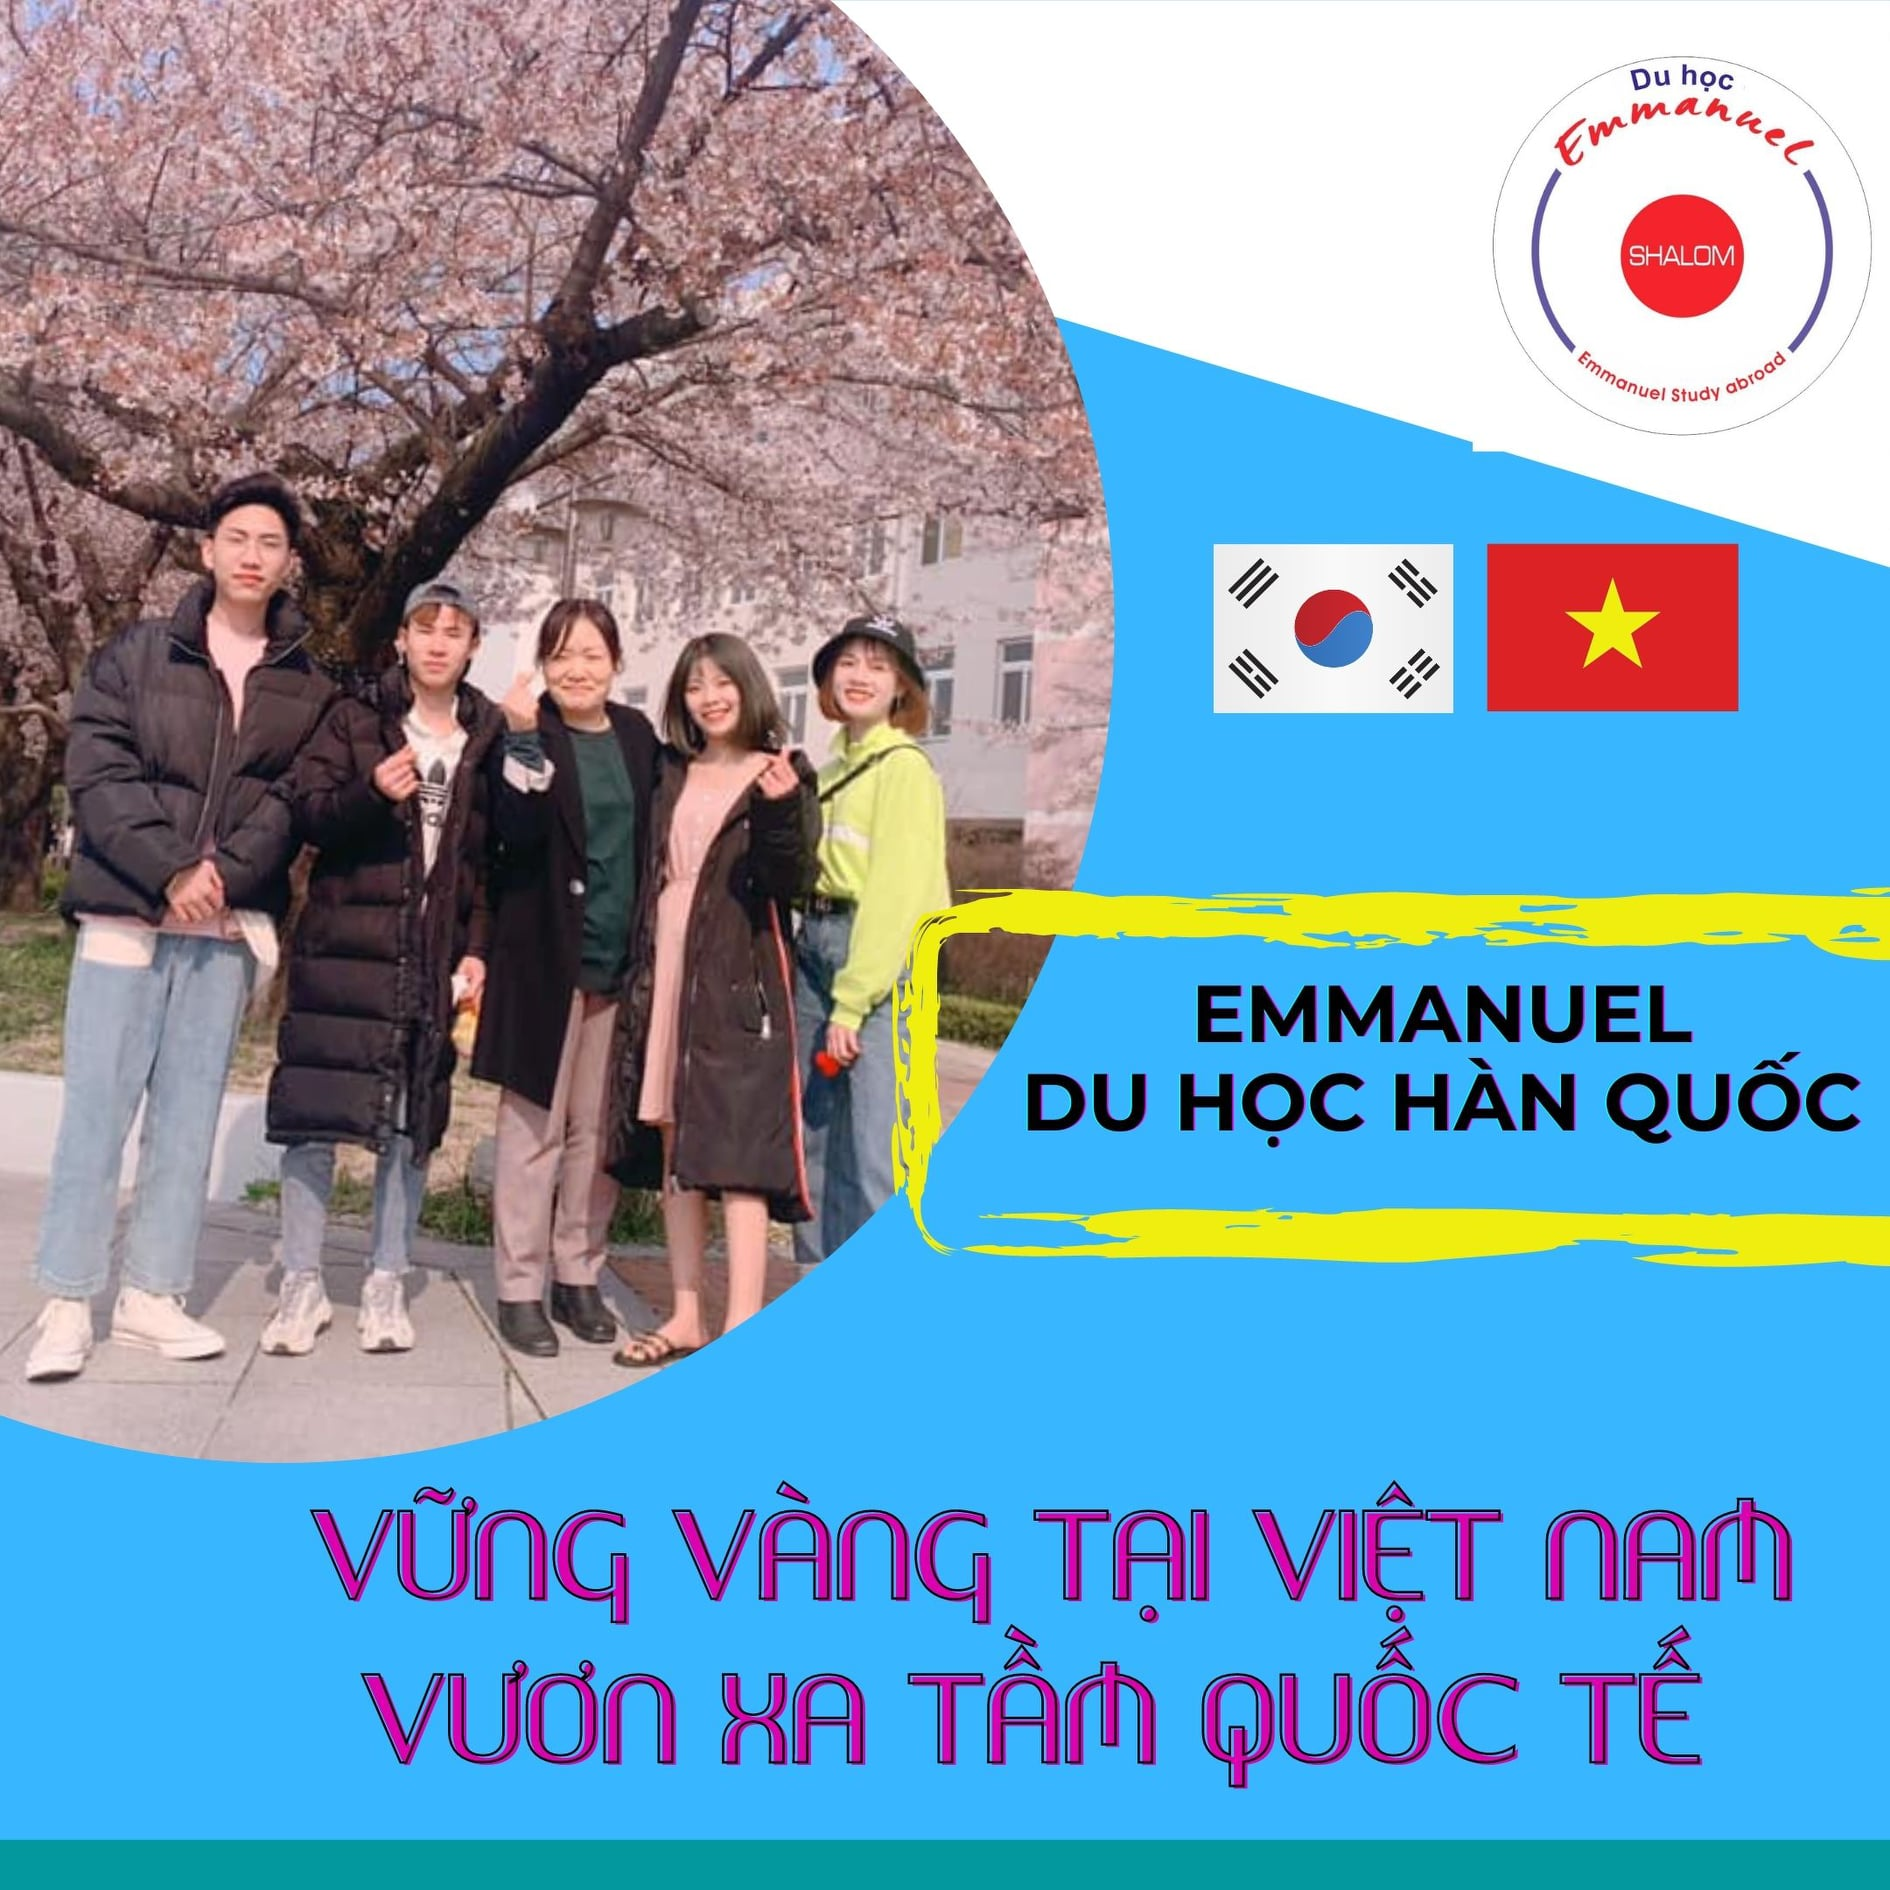 Hồ Sơ Xin Visa Du Học Hàn Quốc Theo Diện Thư Mời Năm 2021